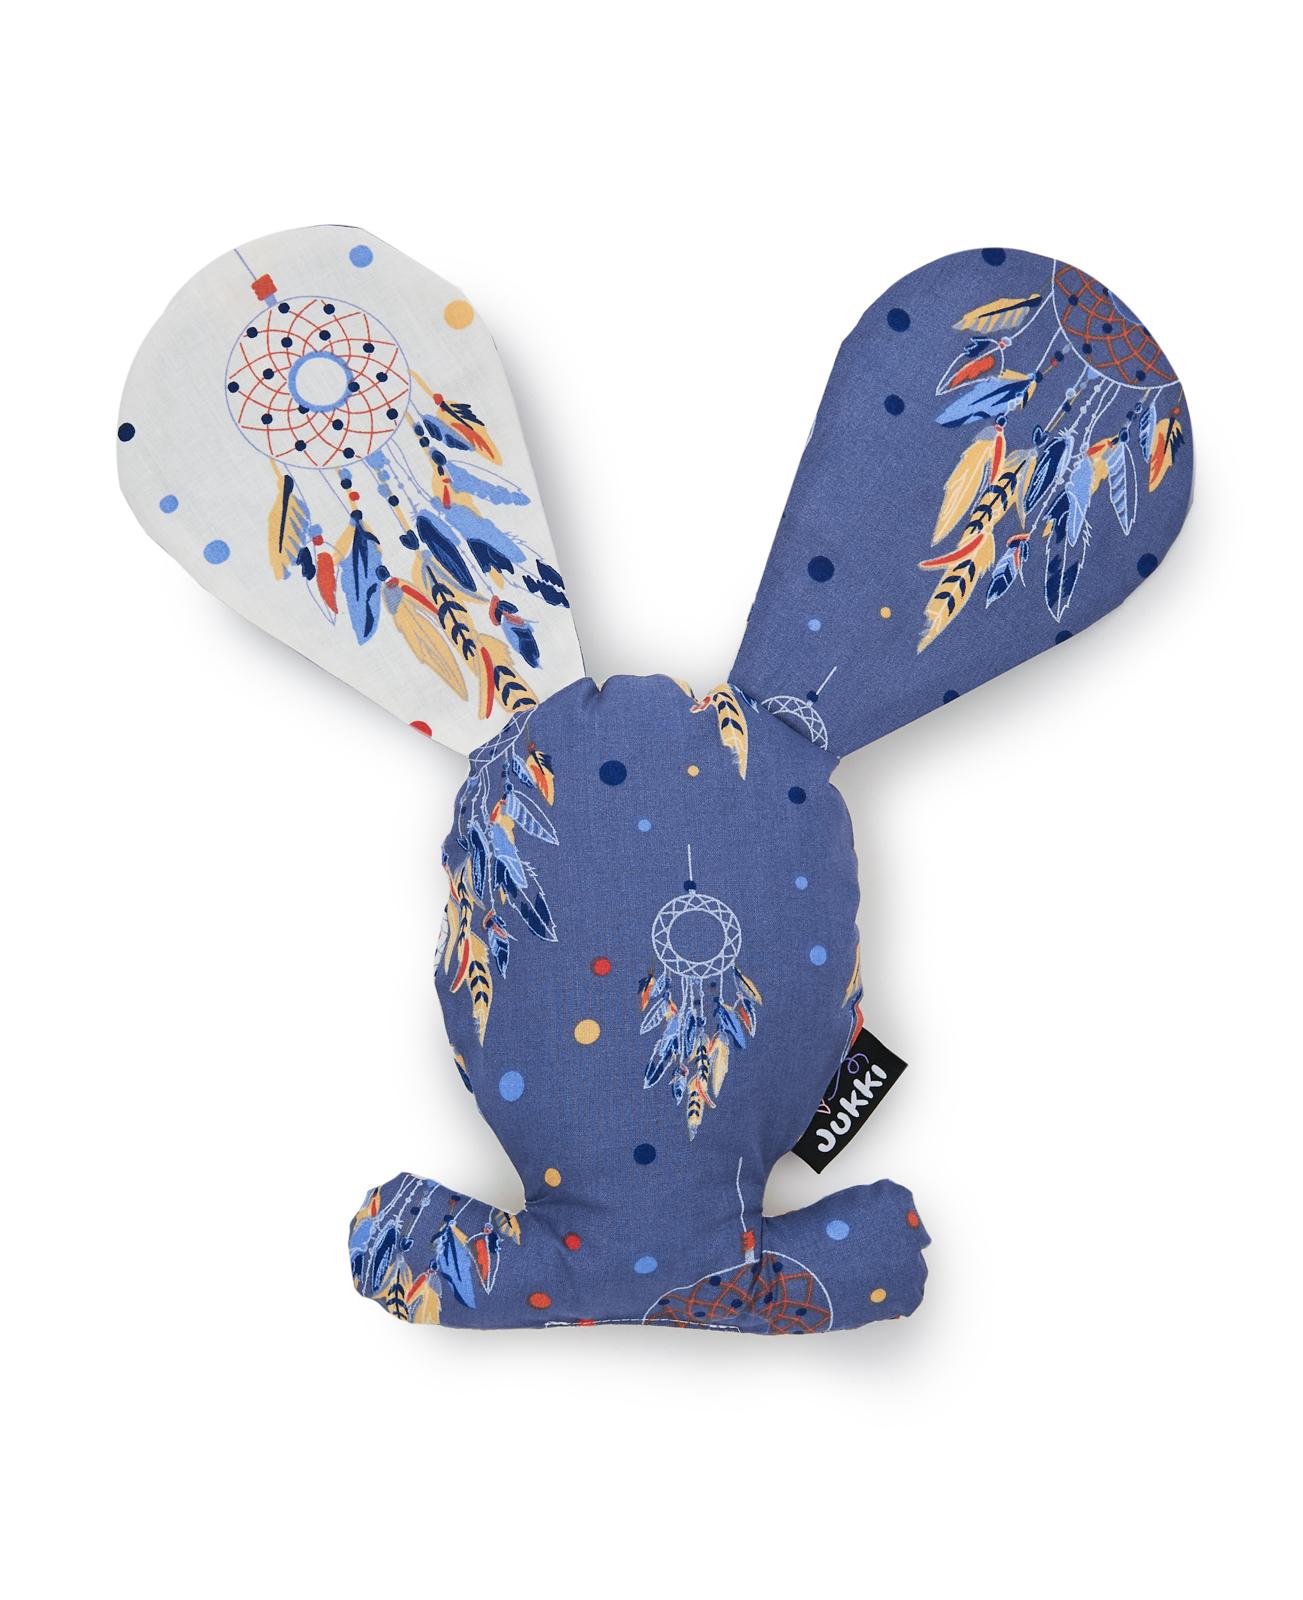 mr-uszaty-zabawka-sensoryczna-jukki